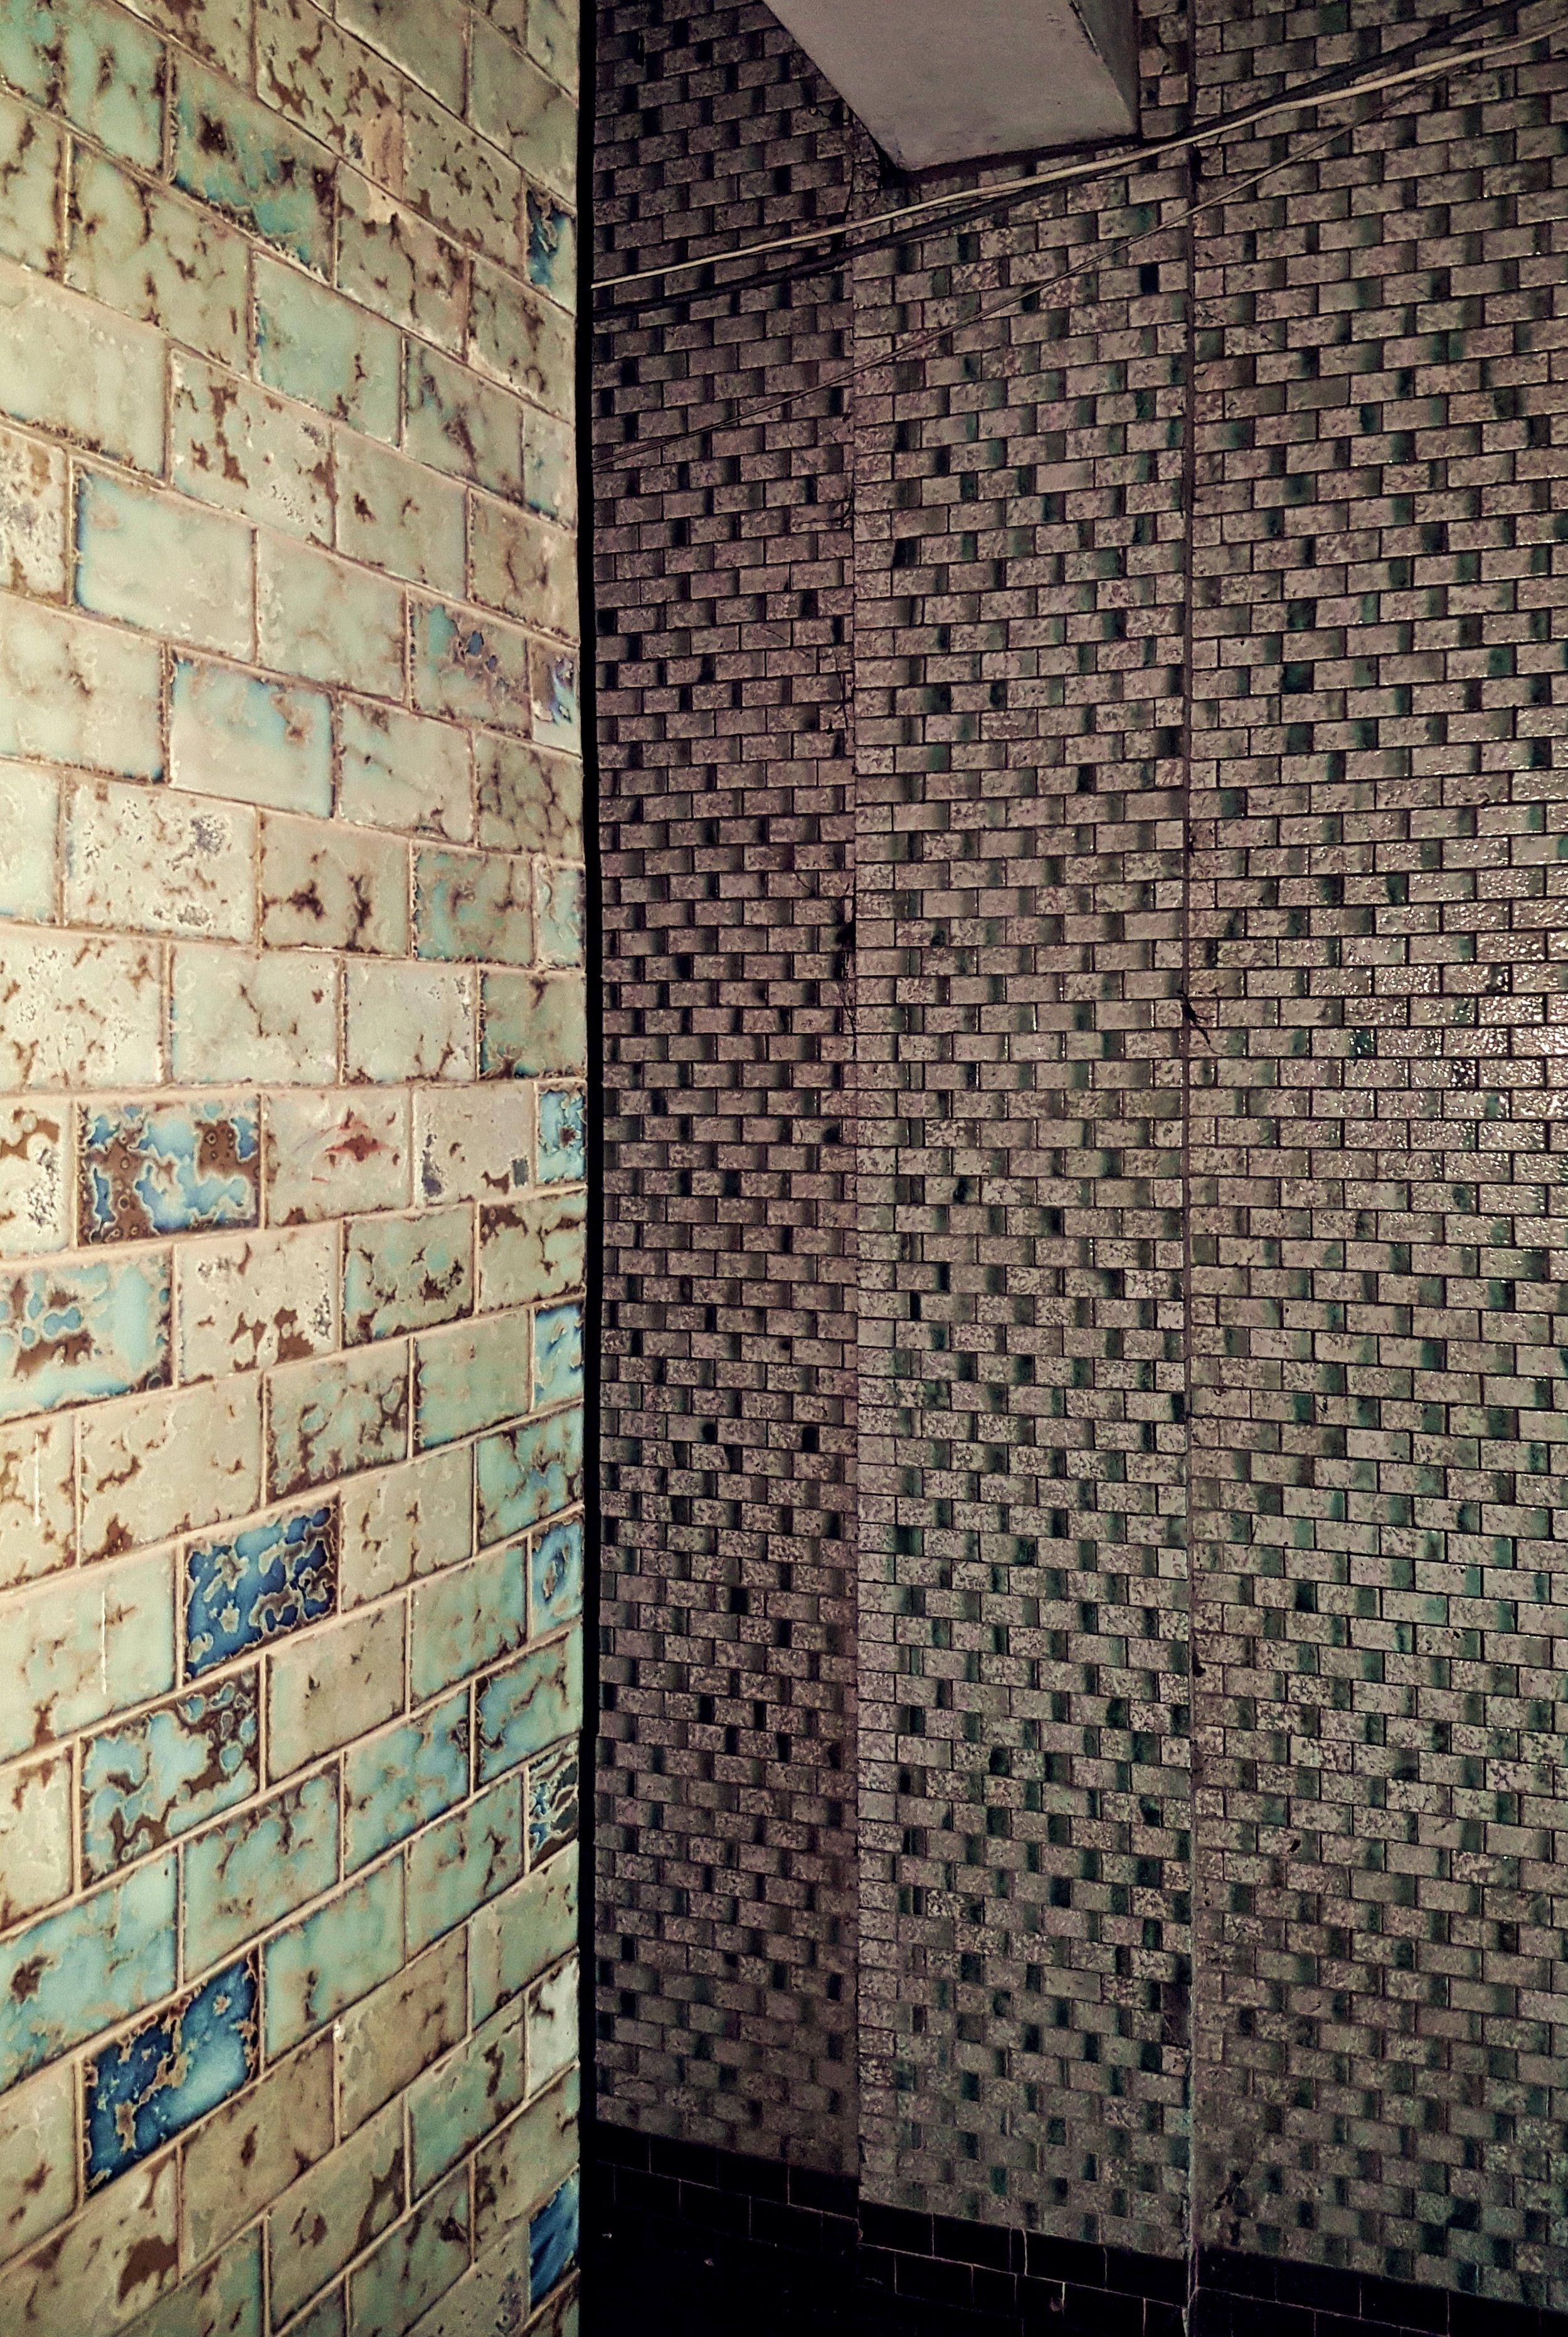 Institutional tiling in the dark interior